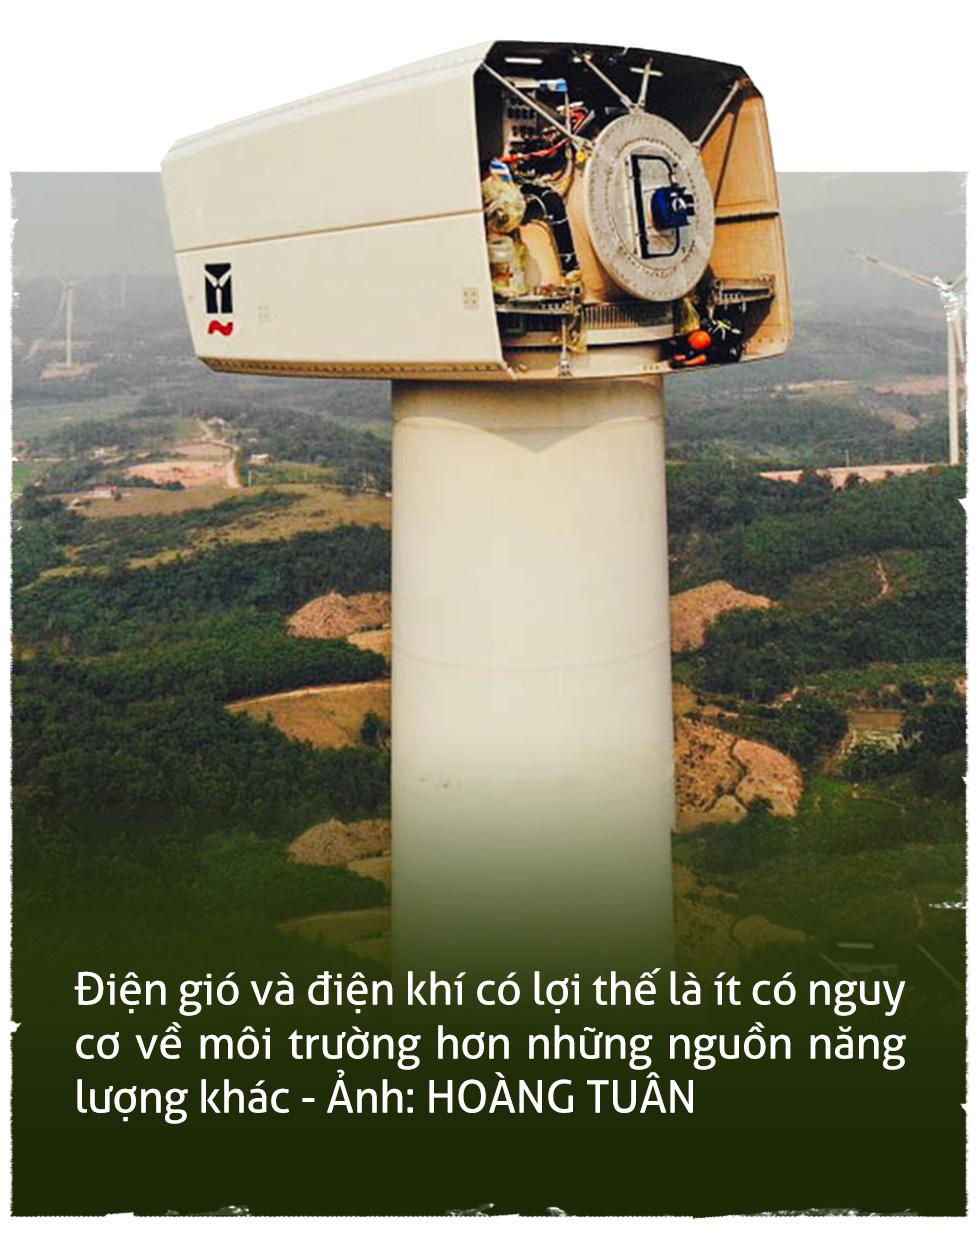 Quảng Trị xây giấc mơ thành trung tâm năng lượng tái tạo - Ảnh 4.